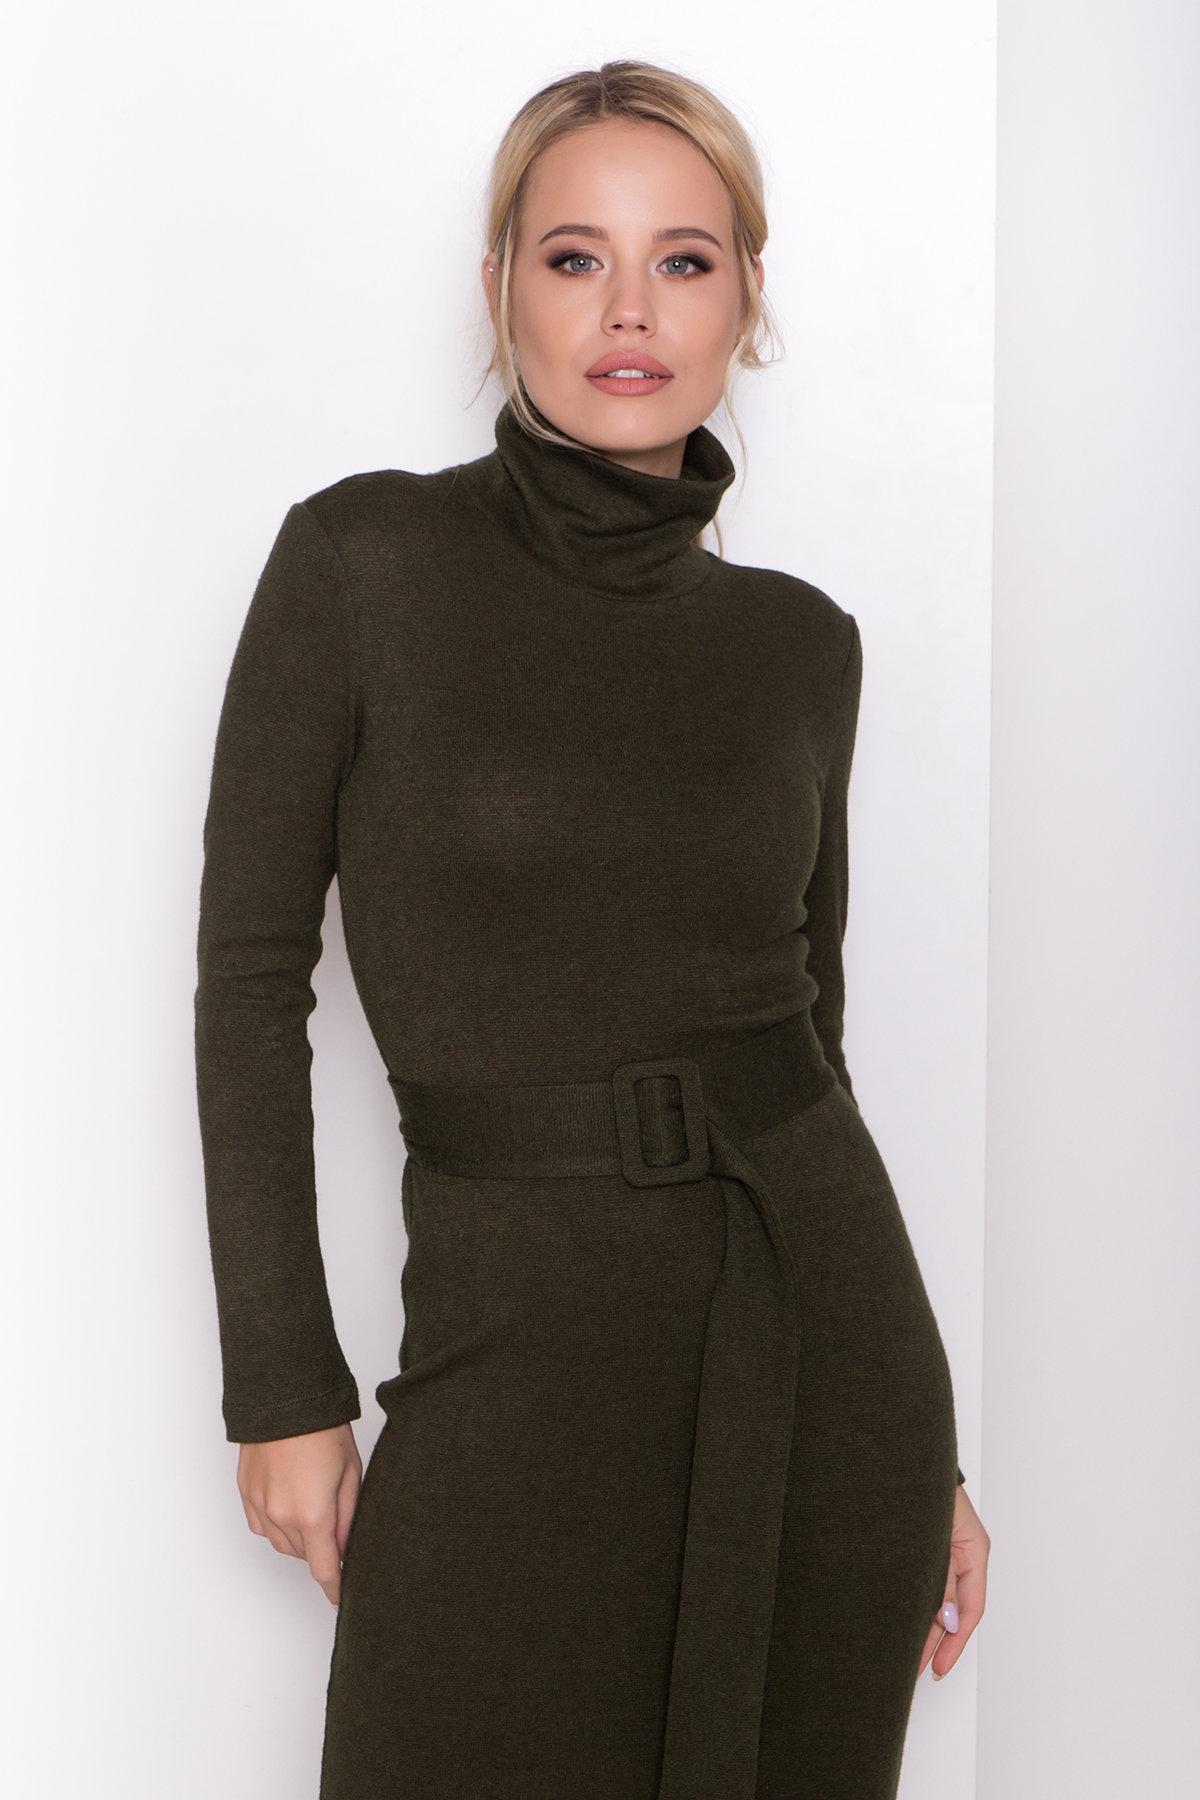 Платье из ангоры Вери 8258 АРТ. 44718 Цвет: Хаки - фото 5, интернет магазин tm-modus.ru